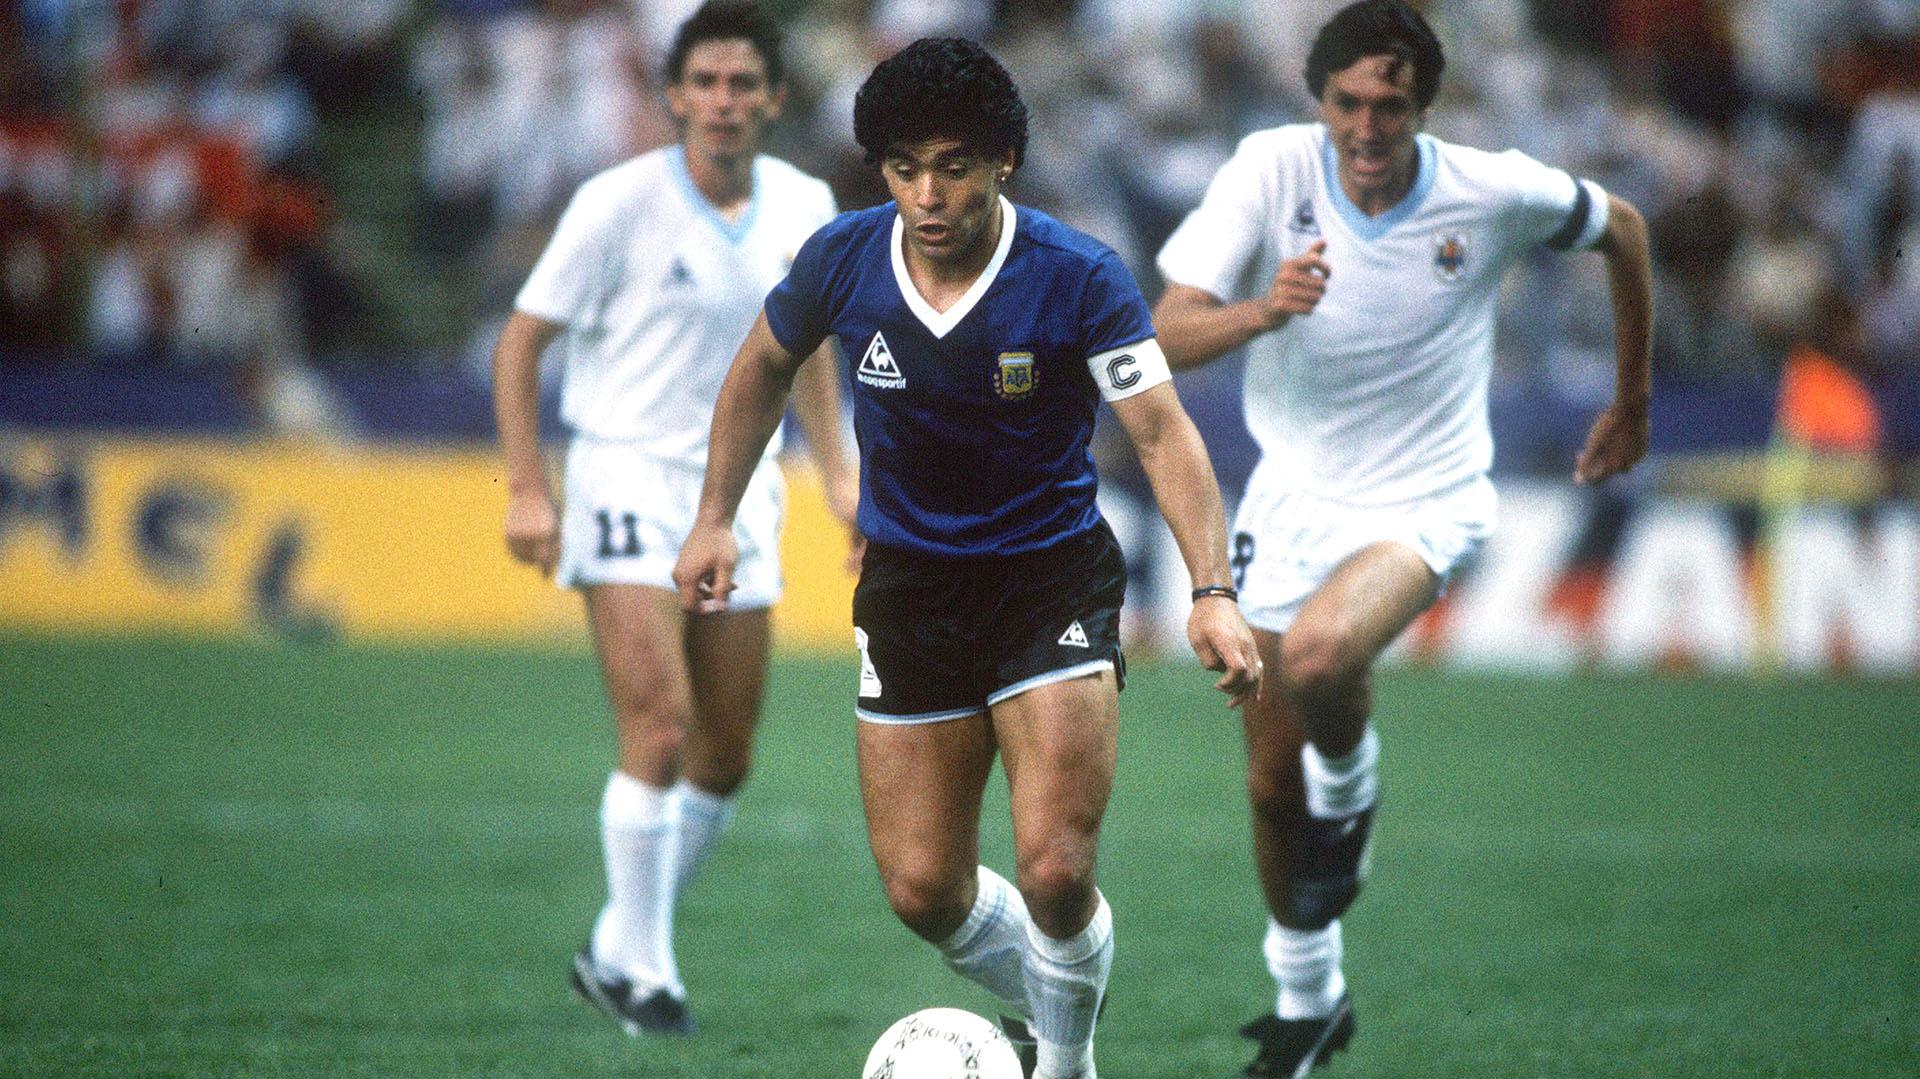 La Exotica Historia De Las Camisetas Que Argentina Uso Ante Inglaterra En El 86 Y Donde Quedo La 10 De Maradona Infobae